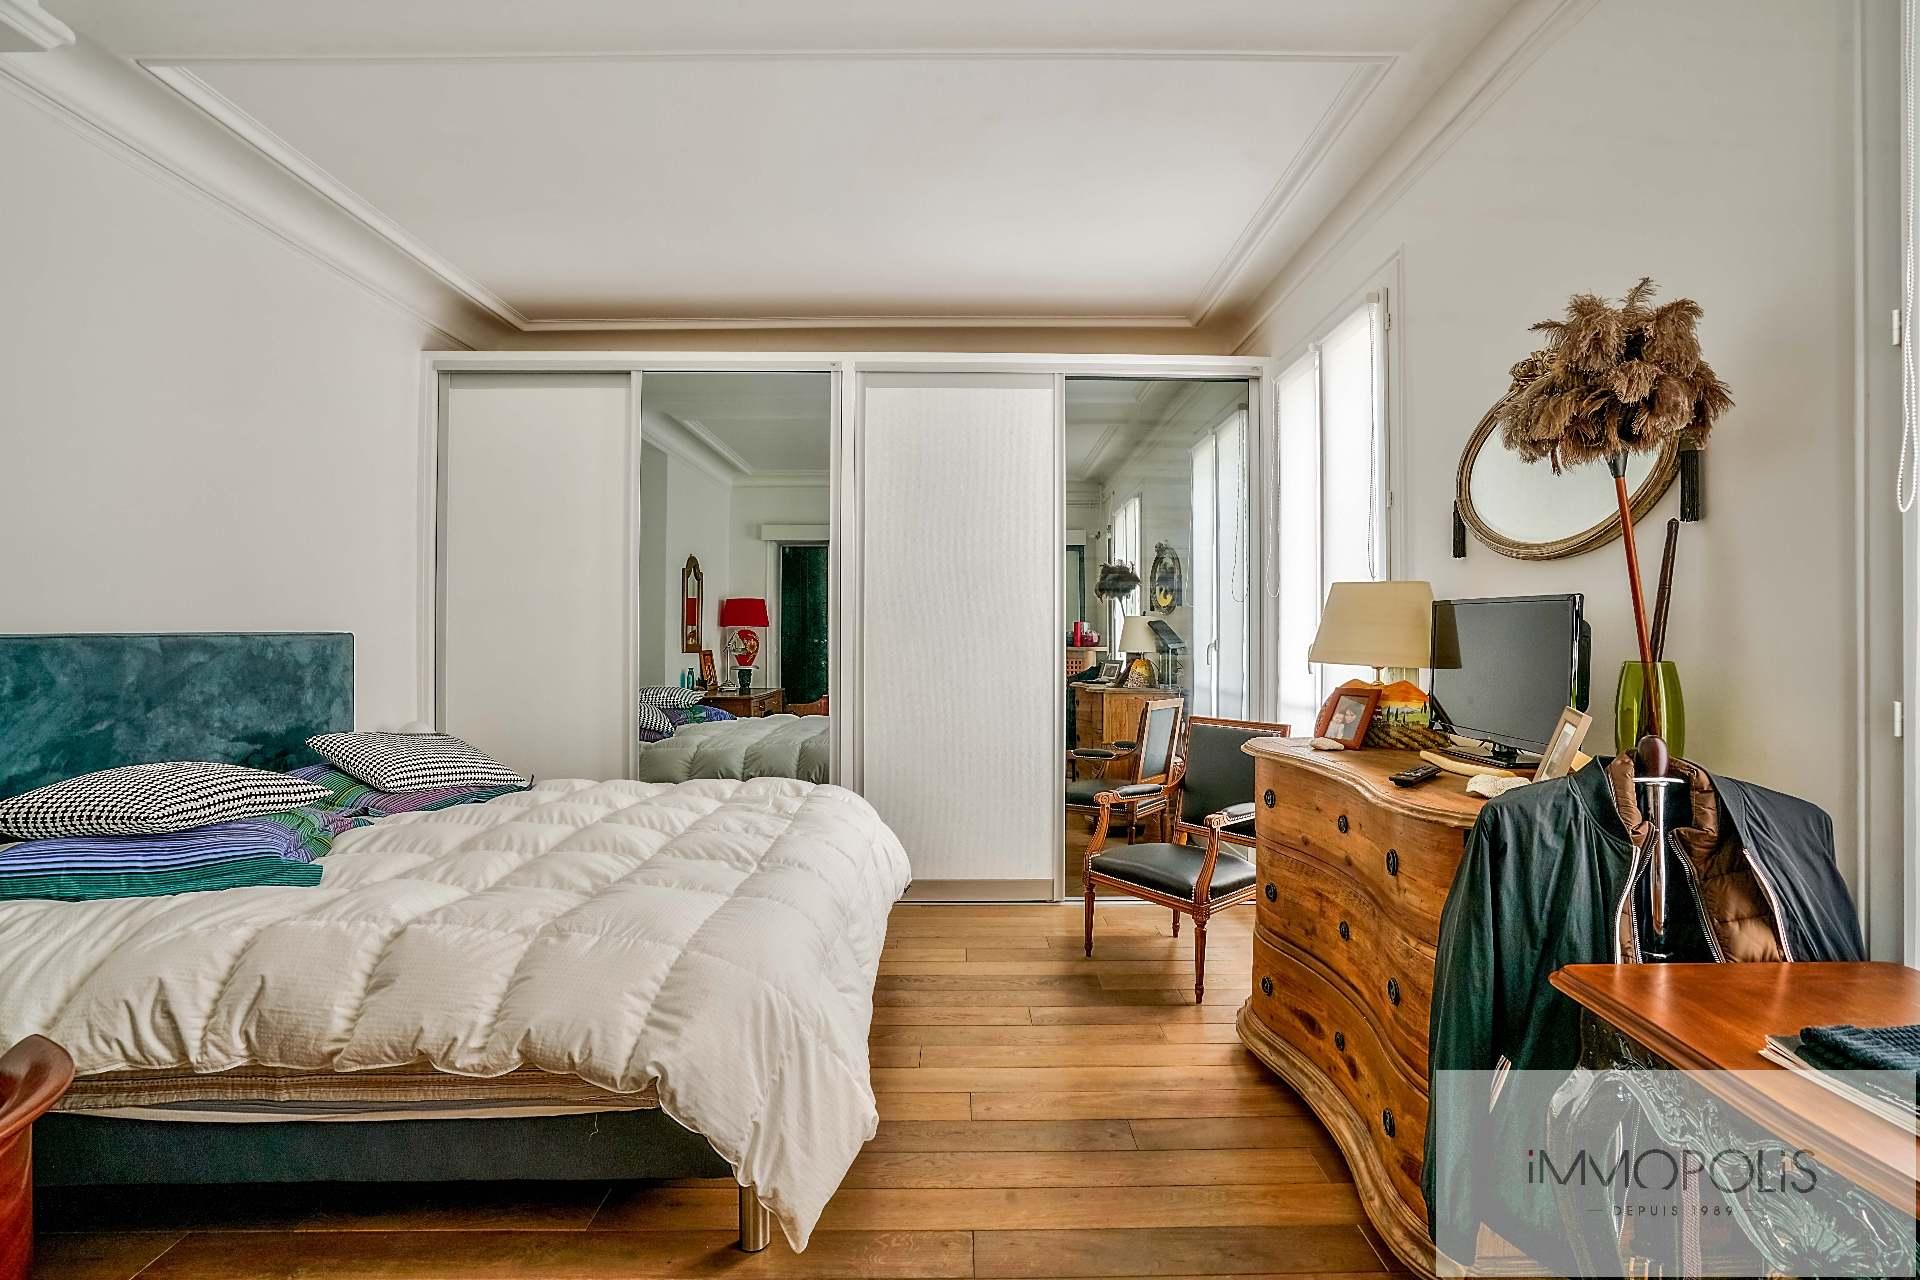 Abbesses, rue Constance : superbe 3 pièces (1 chambre) en 3e étage avec ascenseur : très belles prestations ! 5